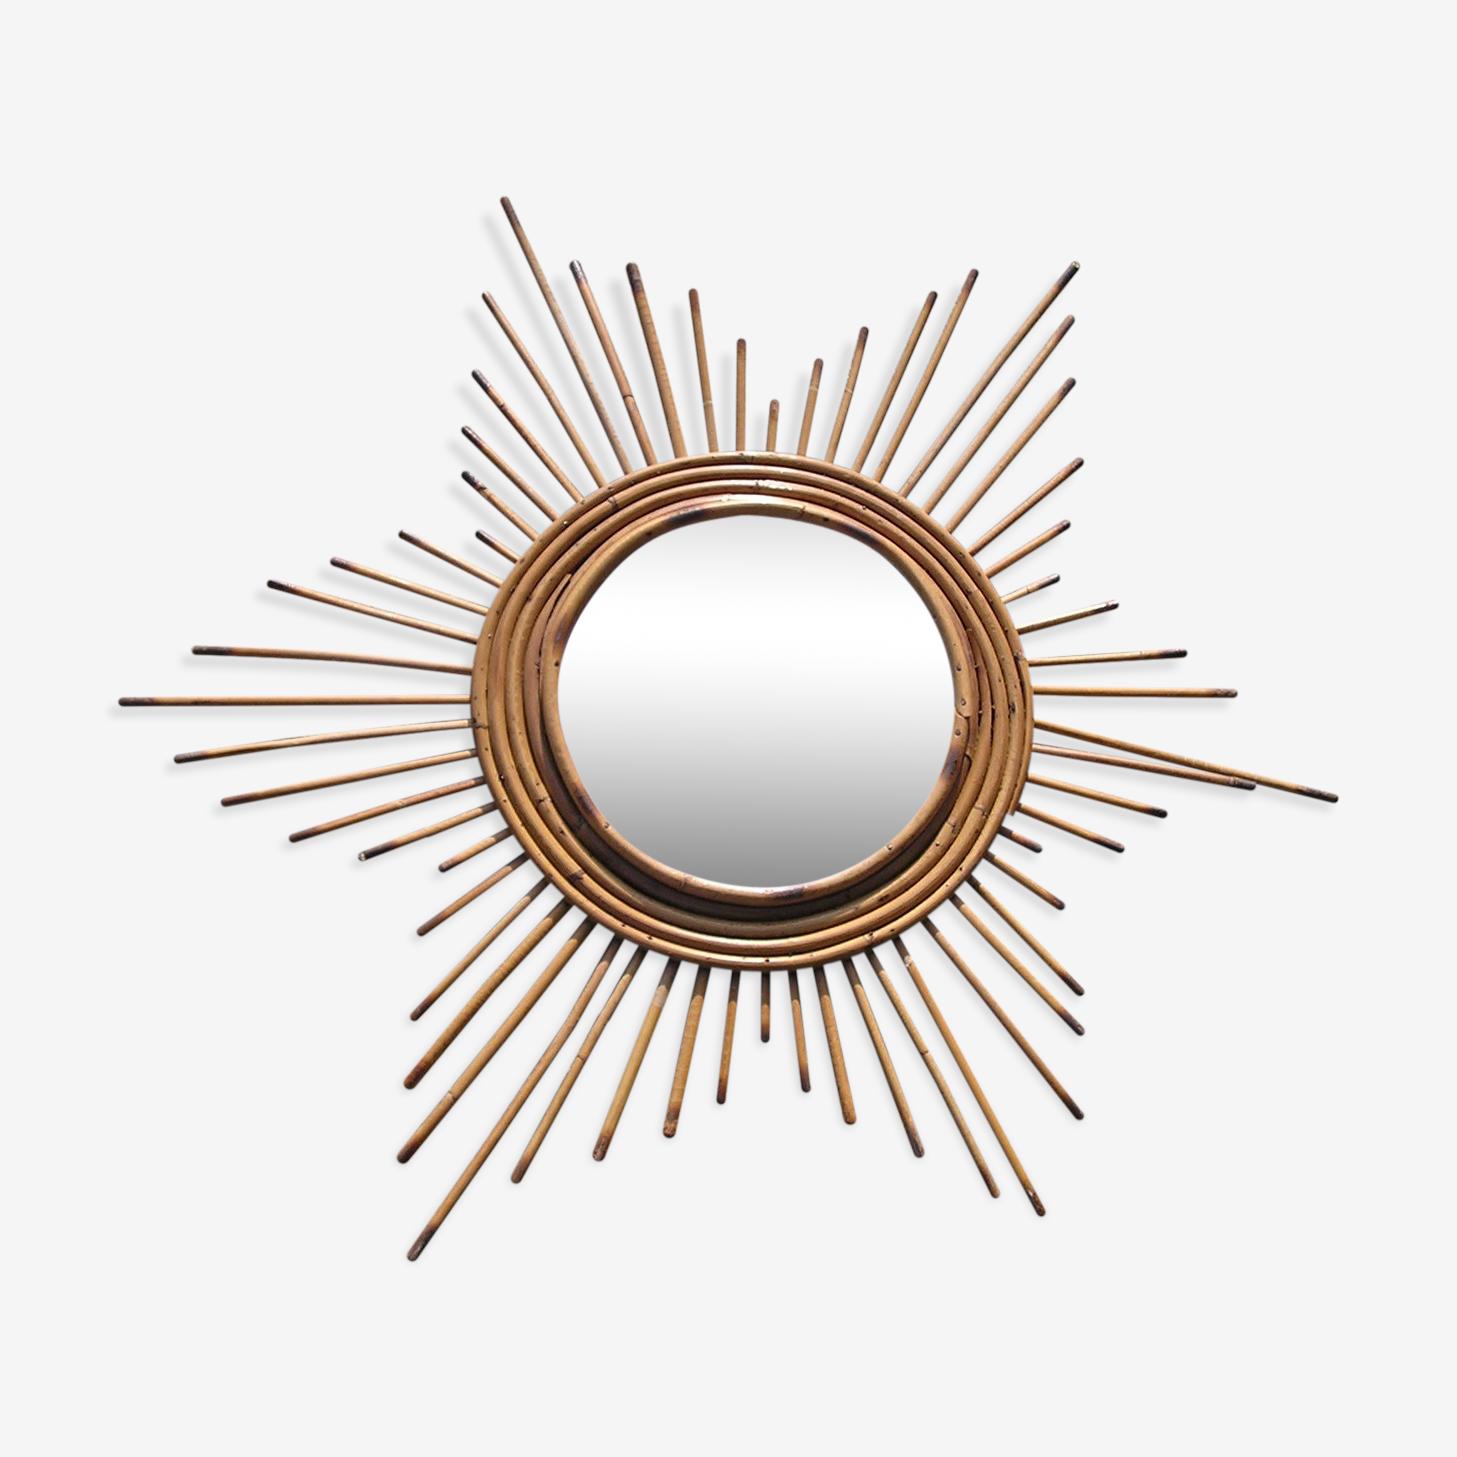 Miroir soleil en osier années 70 62cm